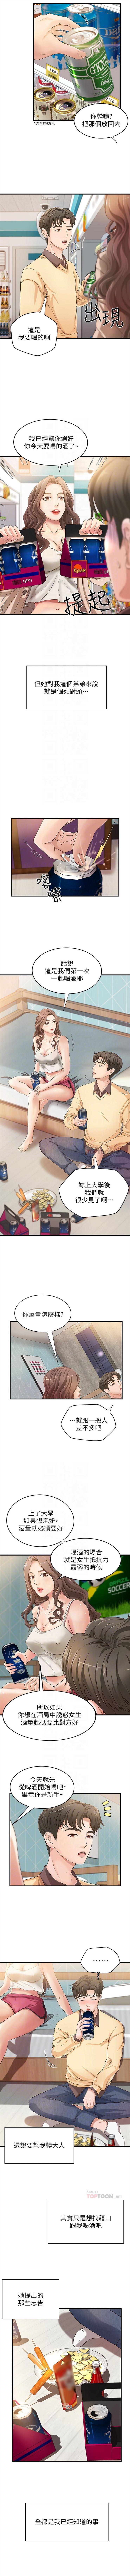 (週1)御姐的實戰教學 1-15 中文翻譯(更新中) 11